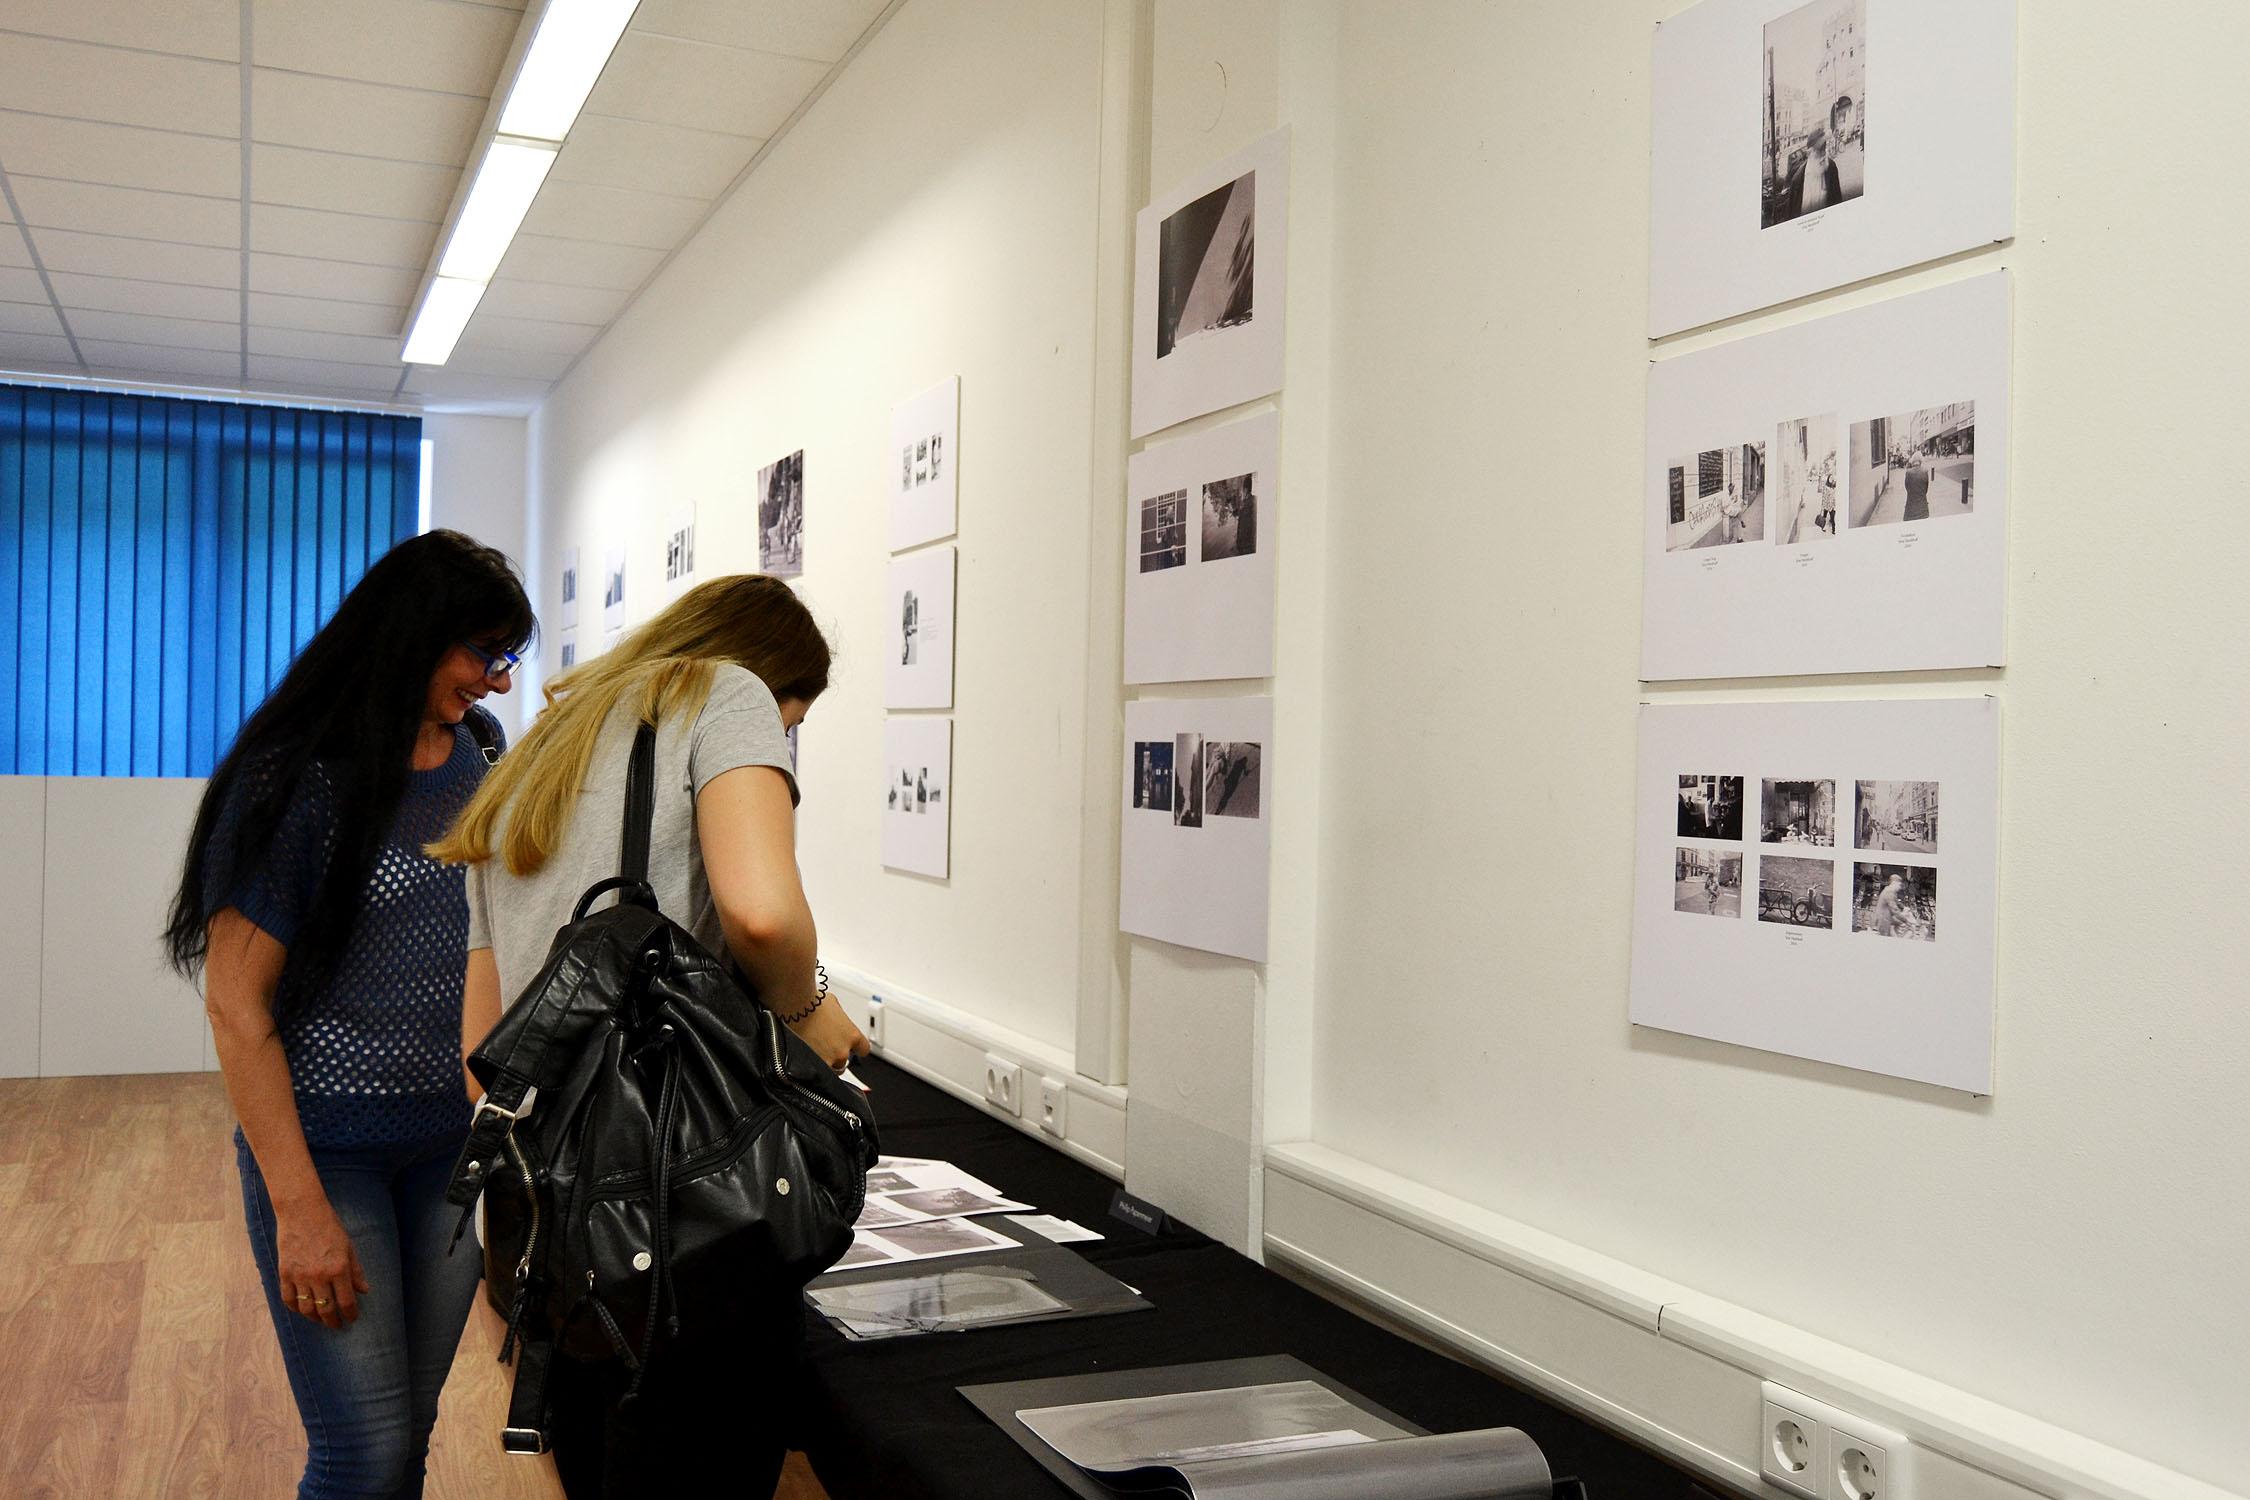 Analoge Schwarz-Weiß-Fotografie mit kontrastreichen Motiven aus der Stadt.